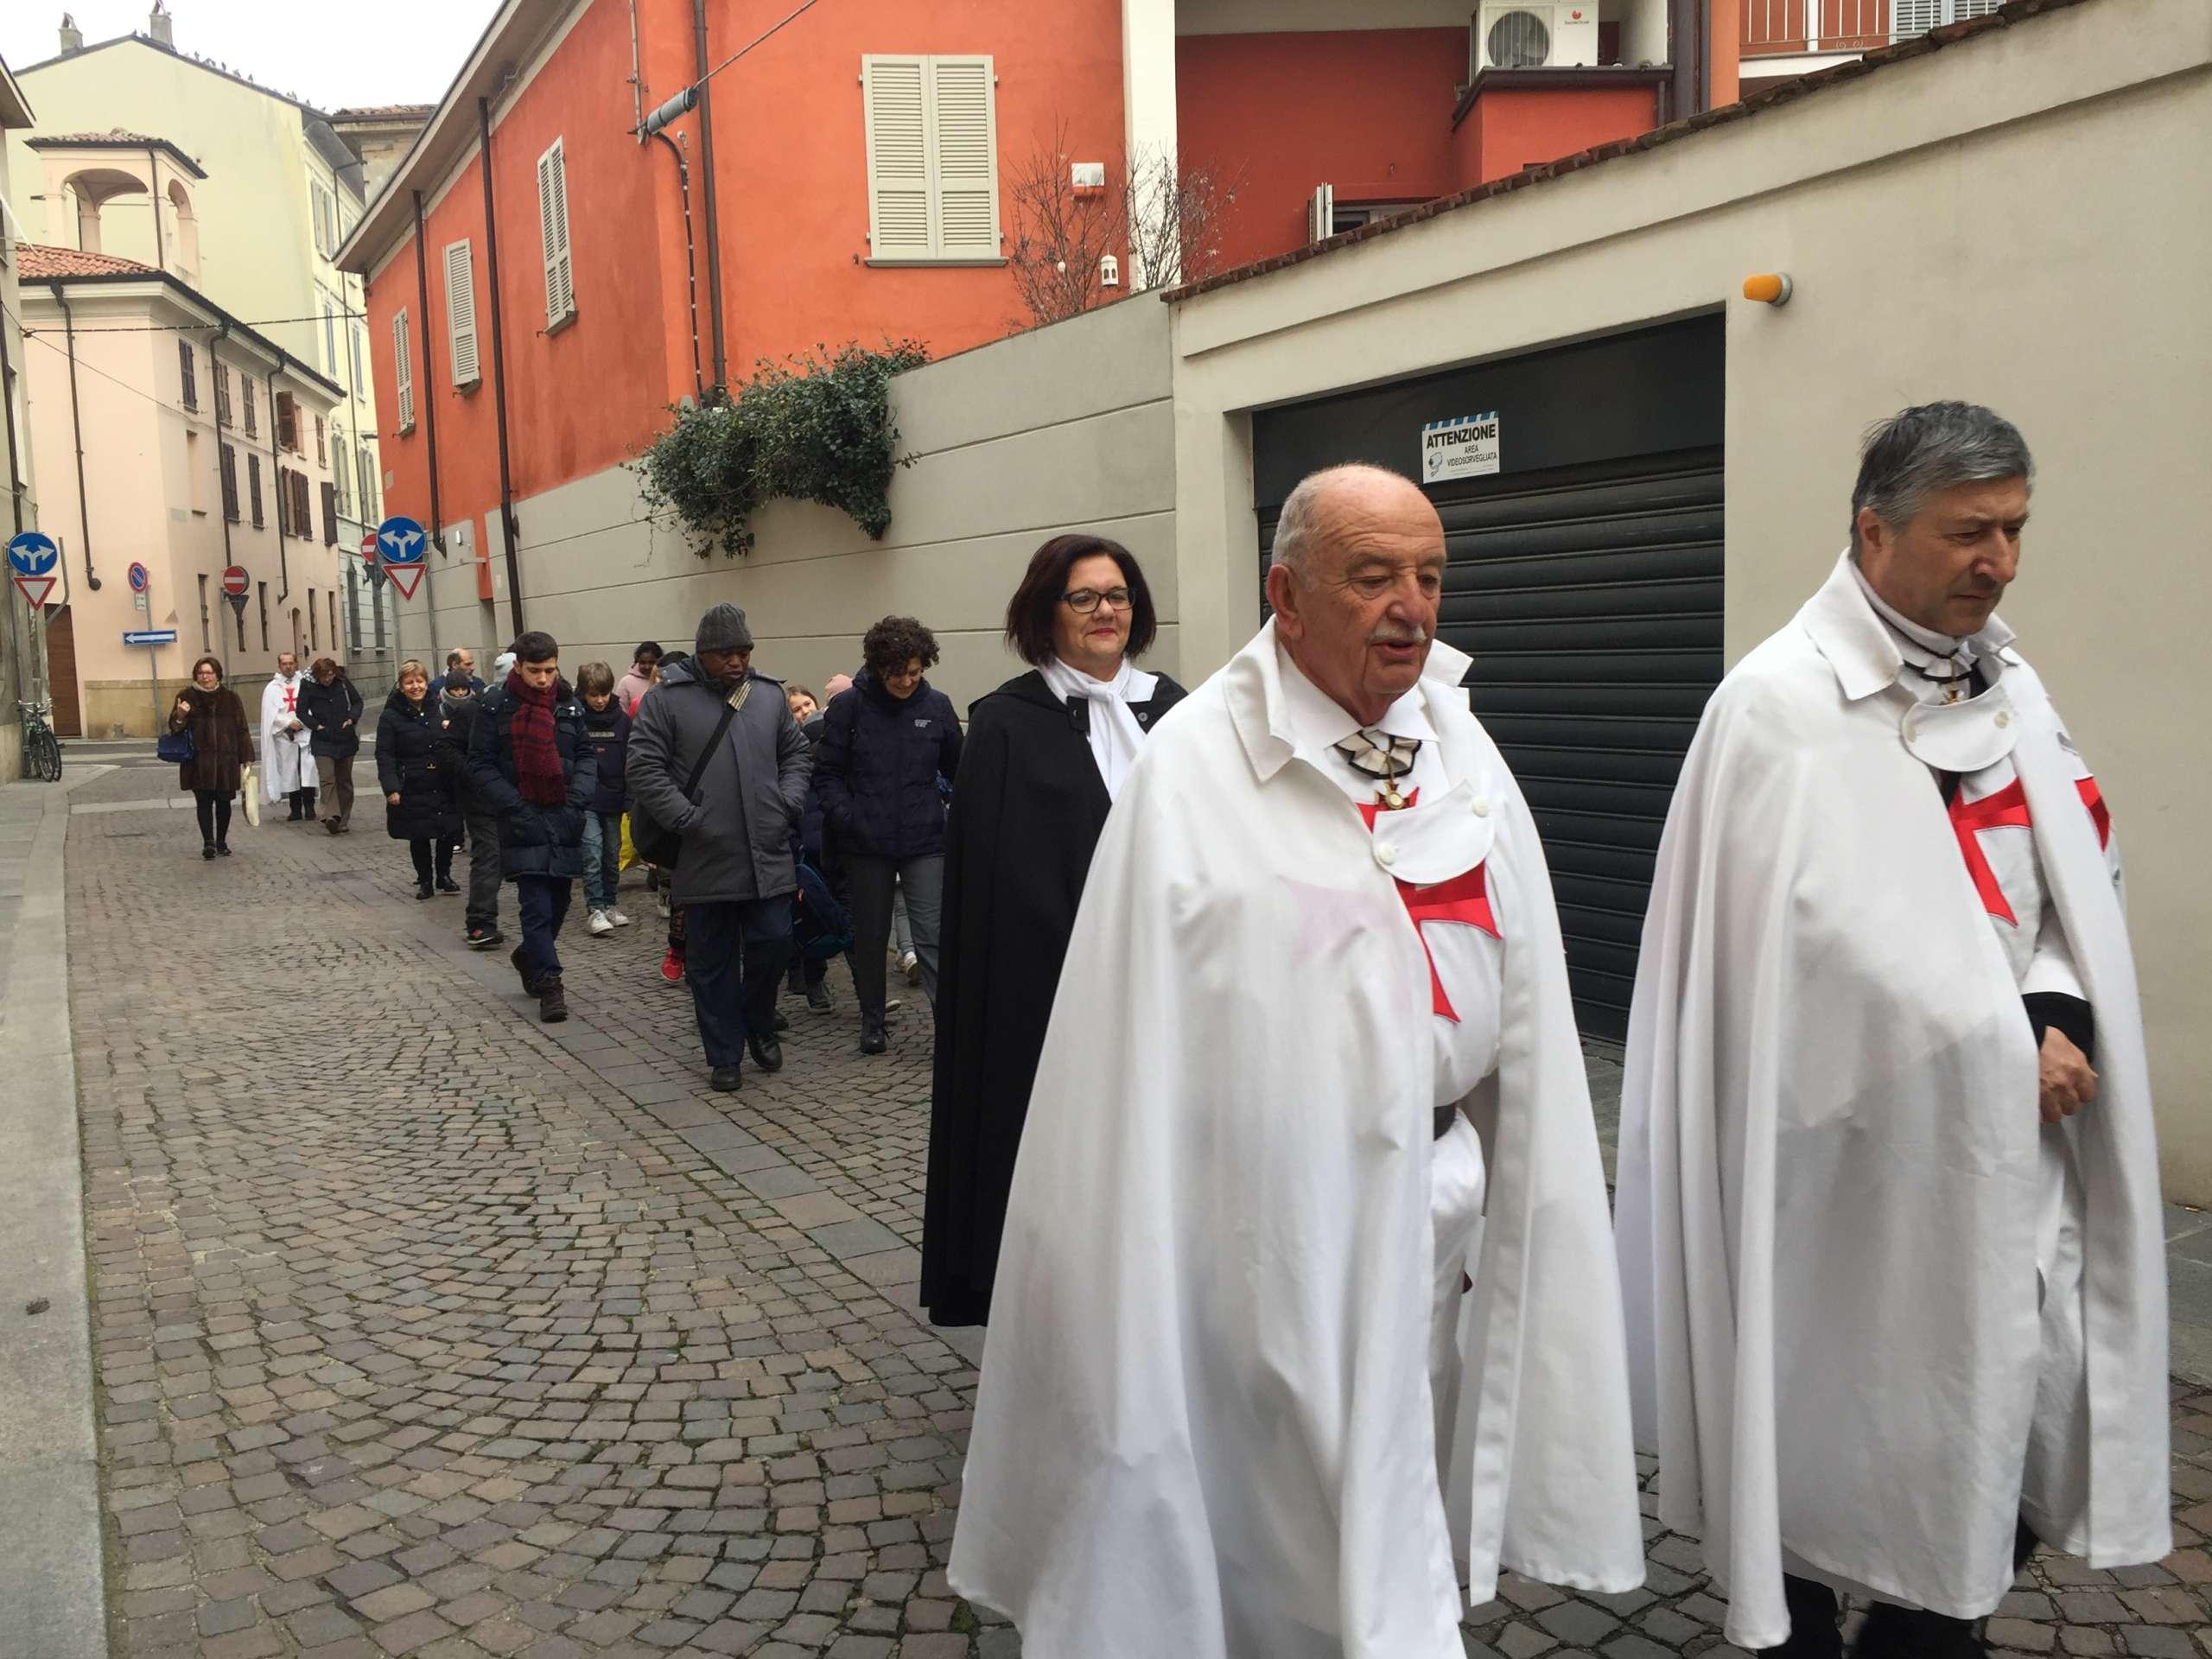 Messa S. Paolo patrono di Piacenza gennaio 2020 presso la chiesa di S. Paolo